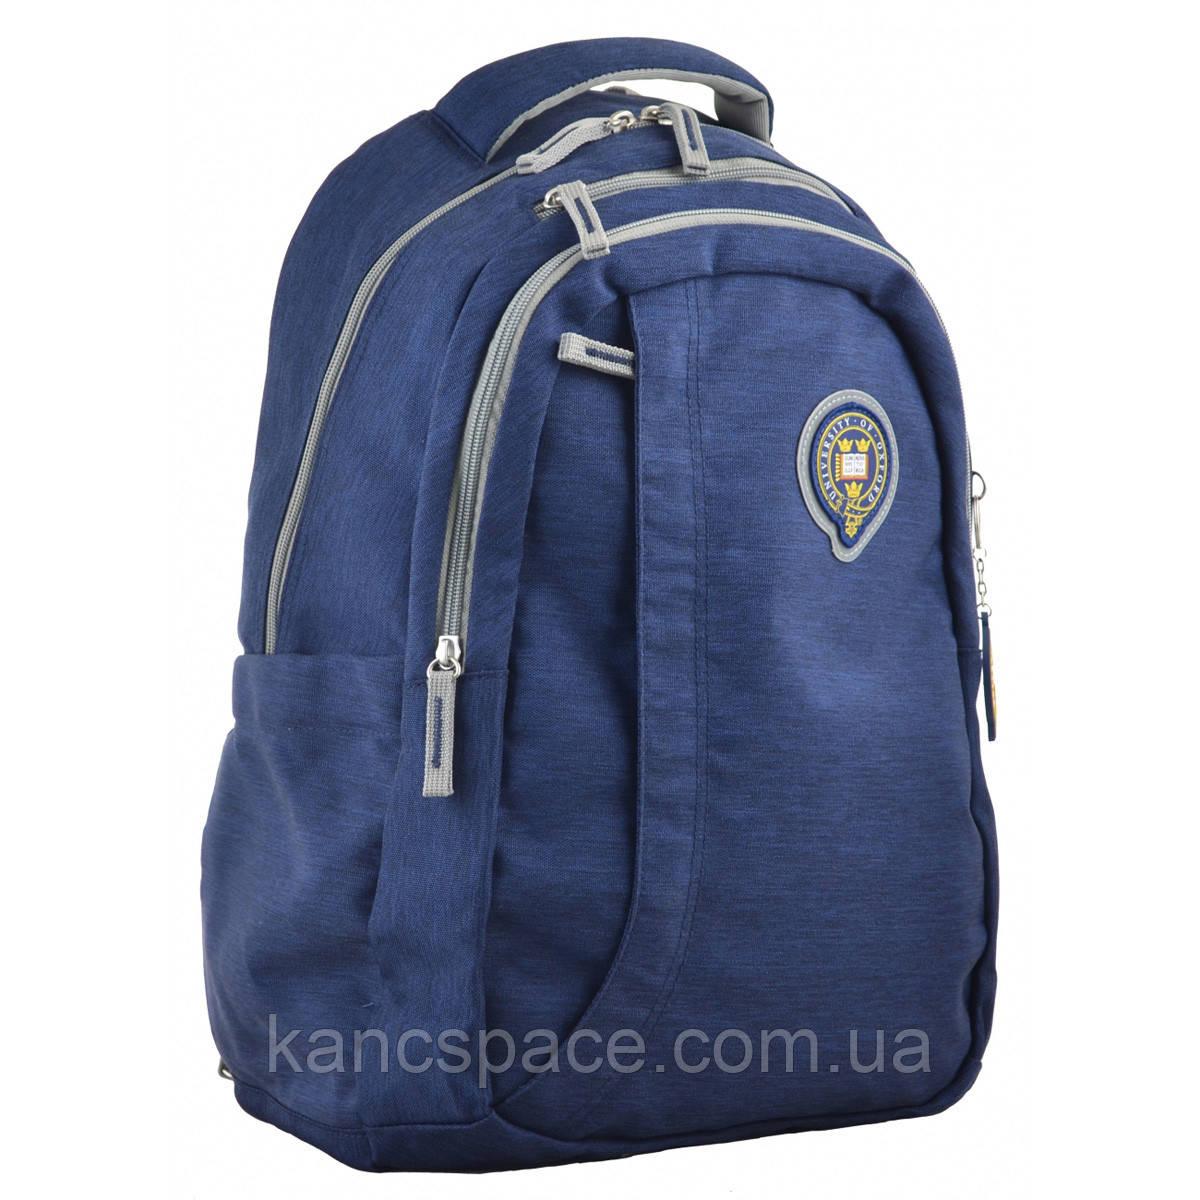 Рюкзак молодіжний OX 391, 45*30*14.5, синiй